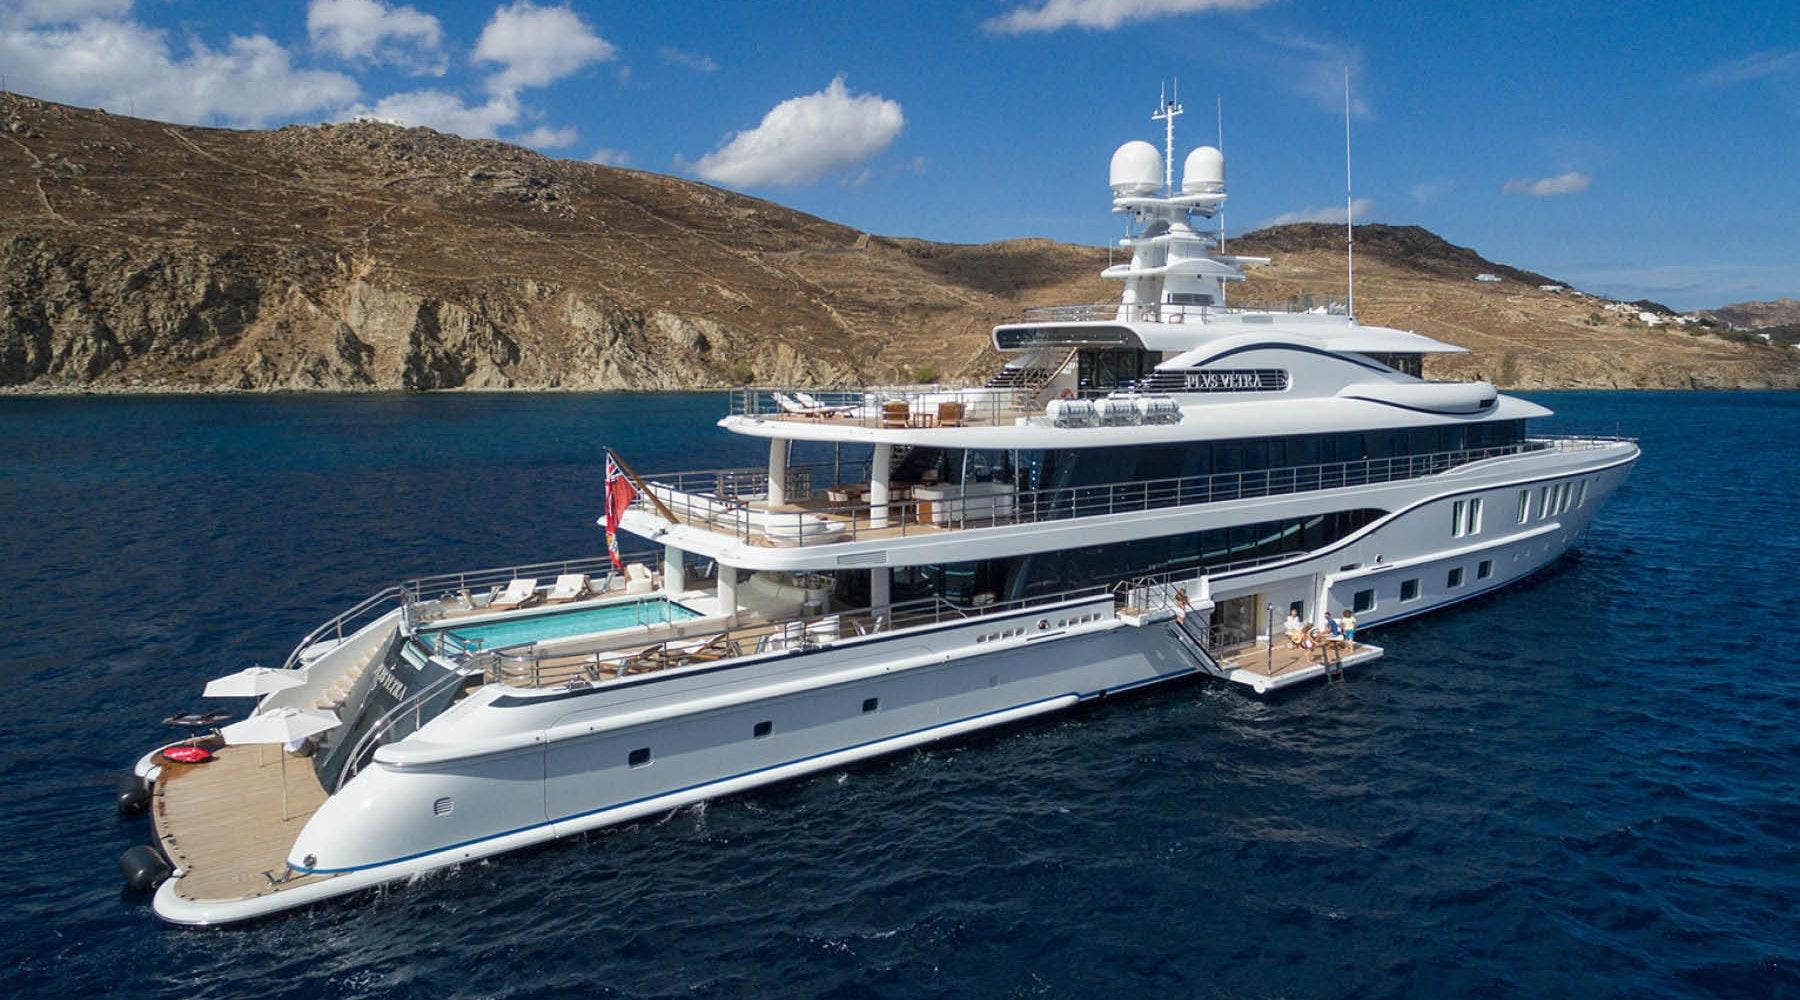 Redna Yachts Plvs-2